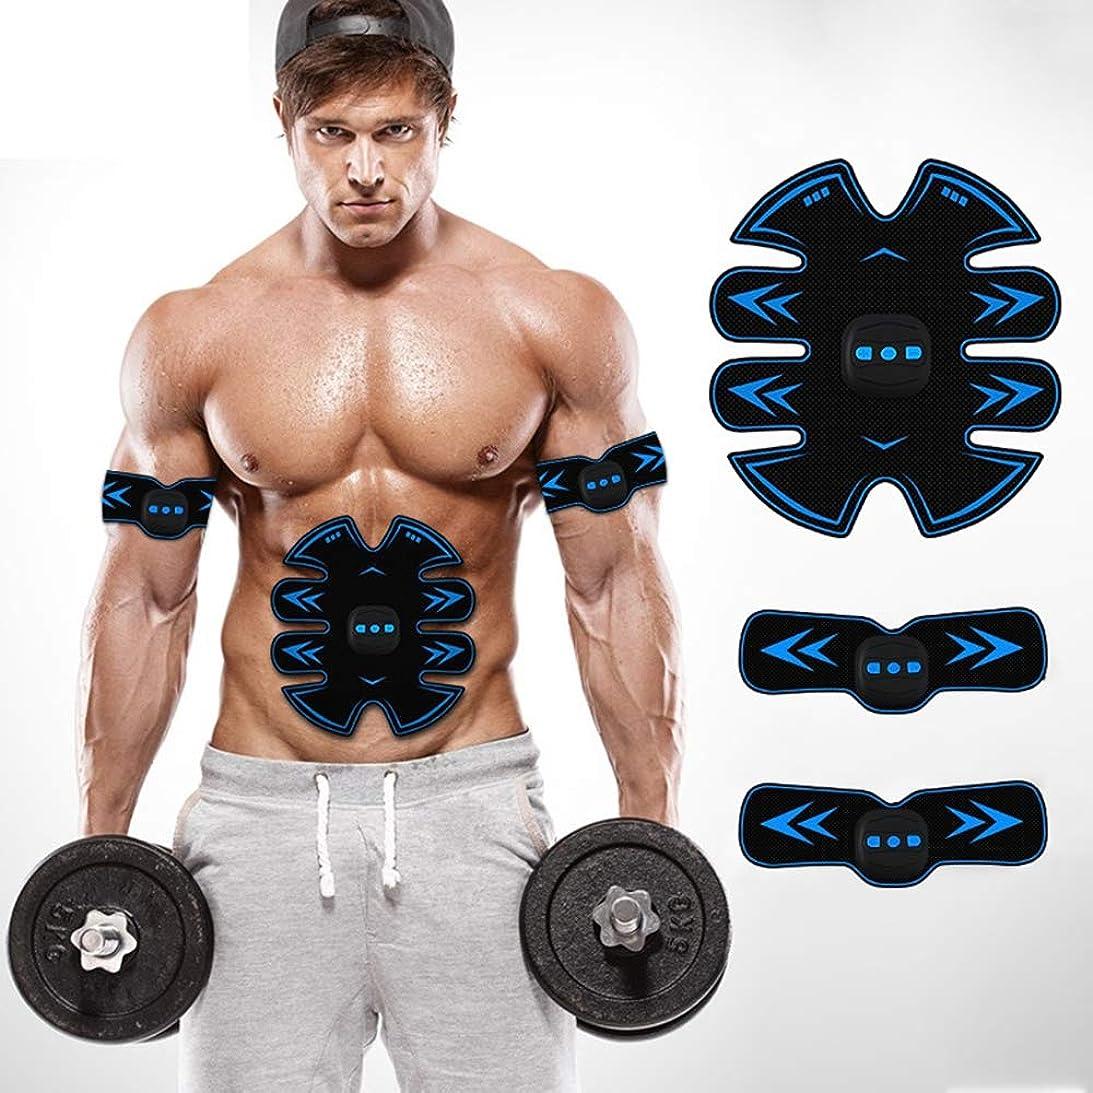 批判的身元ノートスマートUSB電気腹部機器ワイヤレスEMS筋肉刺激装置ウエスト減量マシン男性と女性の運動腹筋トレーニングフィットネス機器,Blue